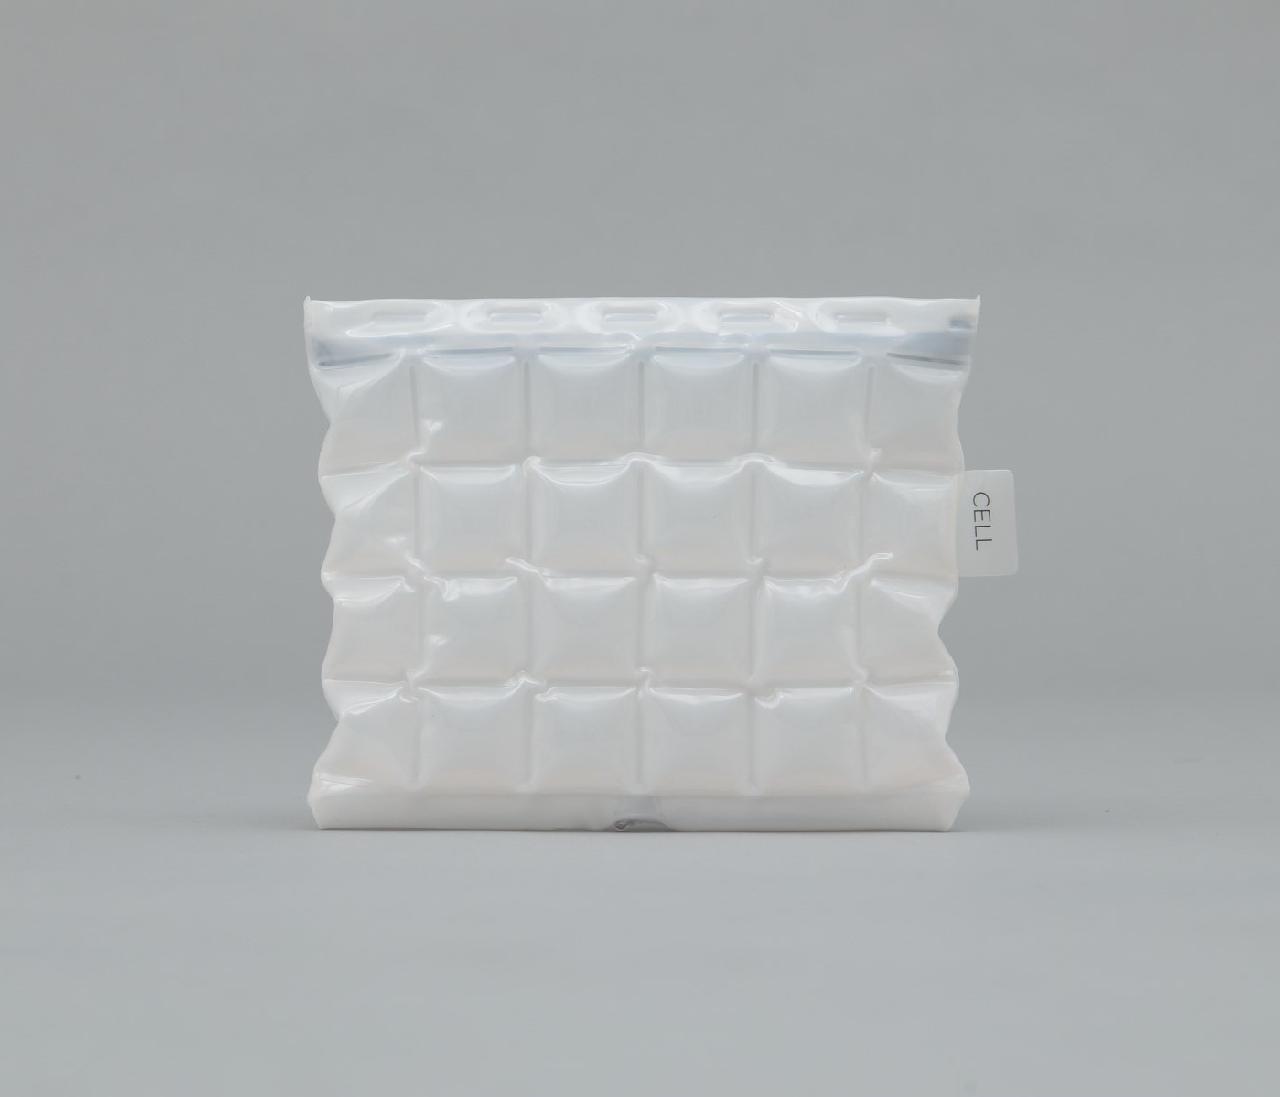 CELL ポーチ 色透明ミルキーホワイト